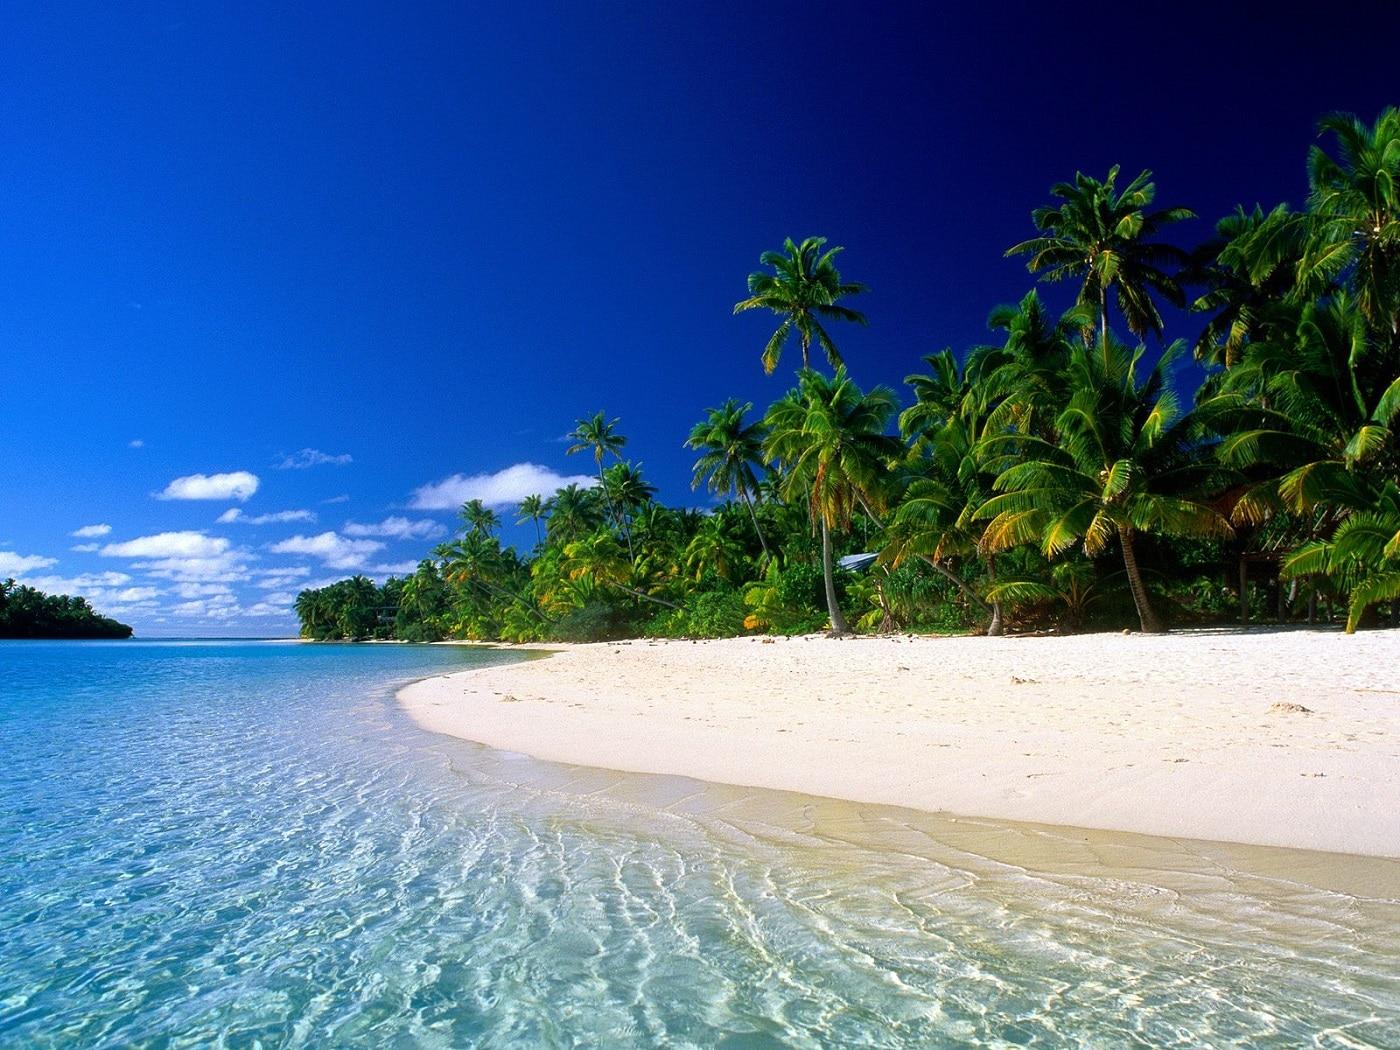 Plajele întinse din Fiji sunt un bun prilej de relaxare